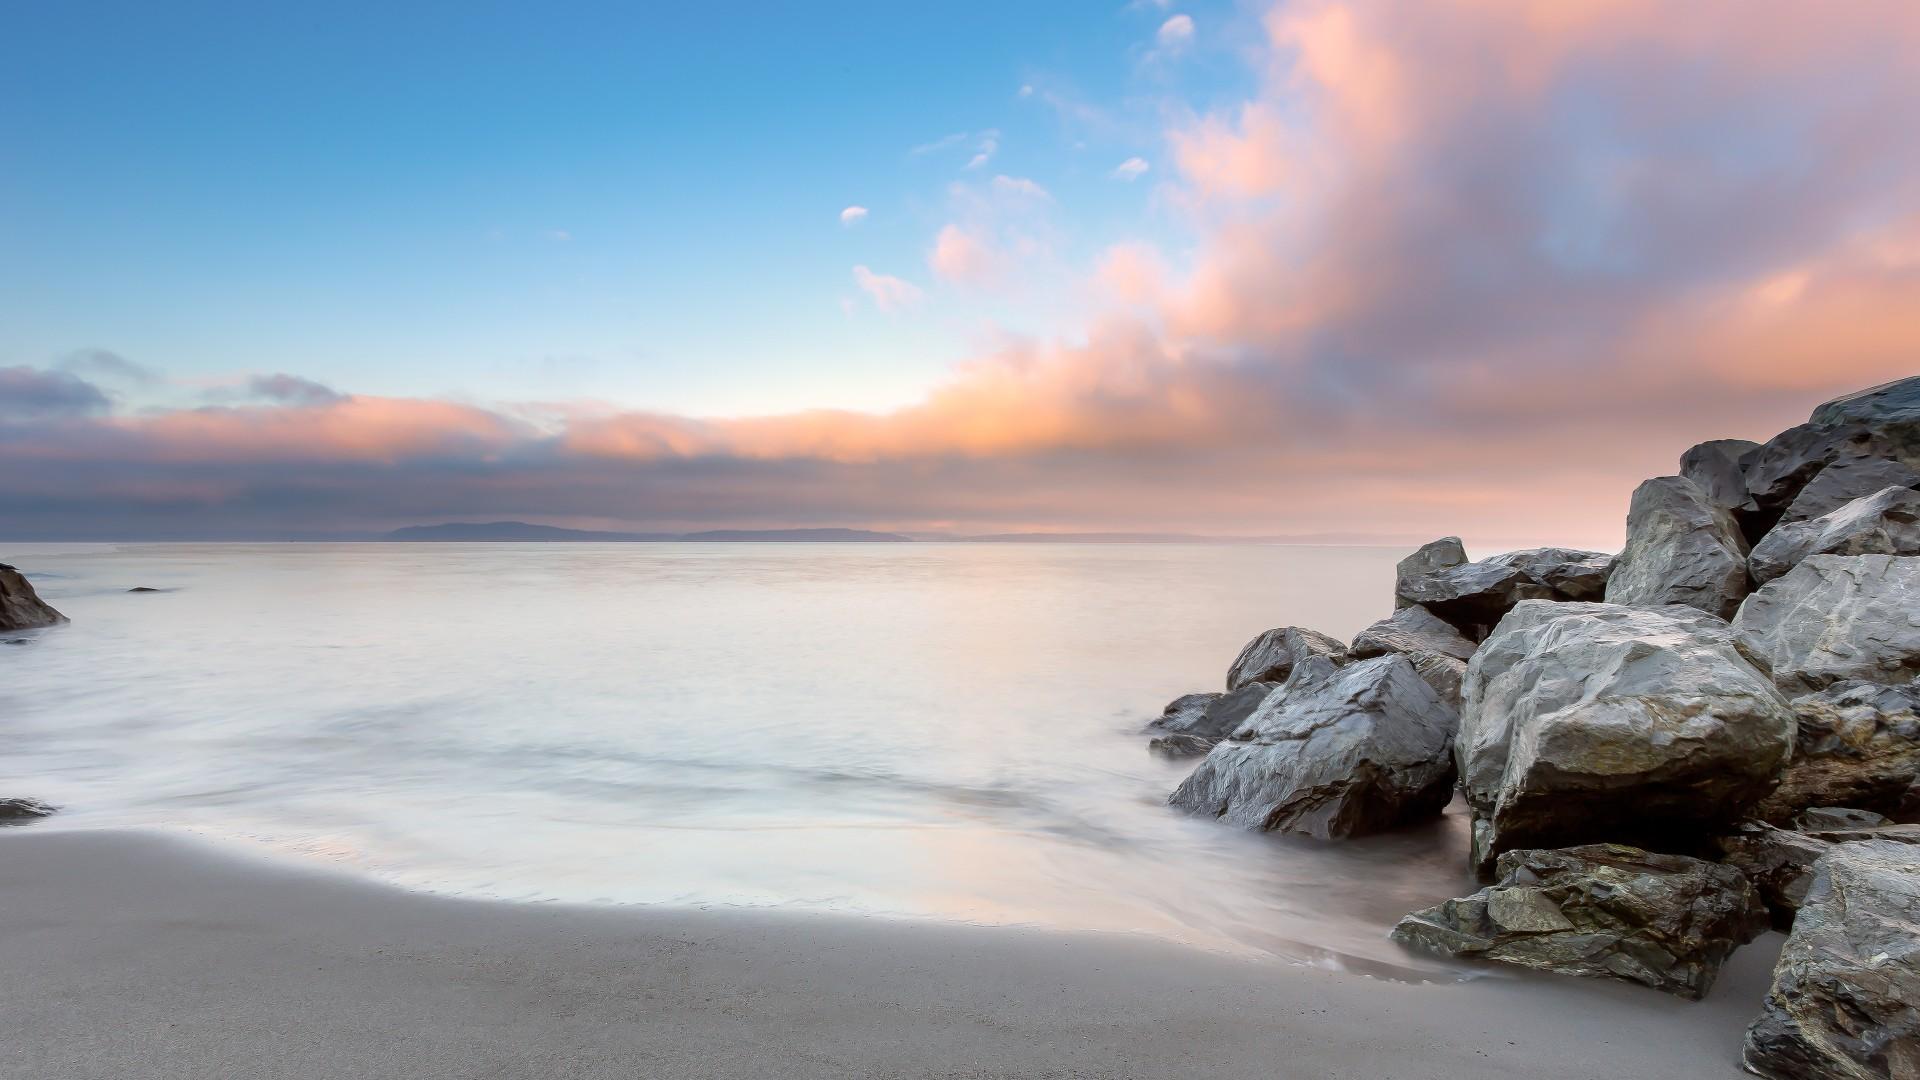 Wallpaper Seattle 4k Hd Wallpaper Alki Beach Sunset Sunrise Sea Ocean Water Morning